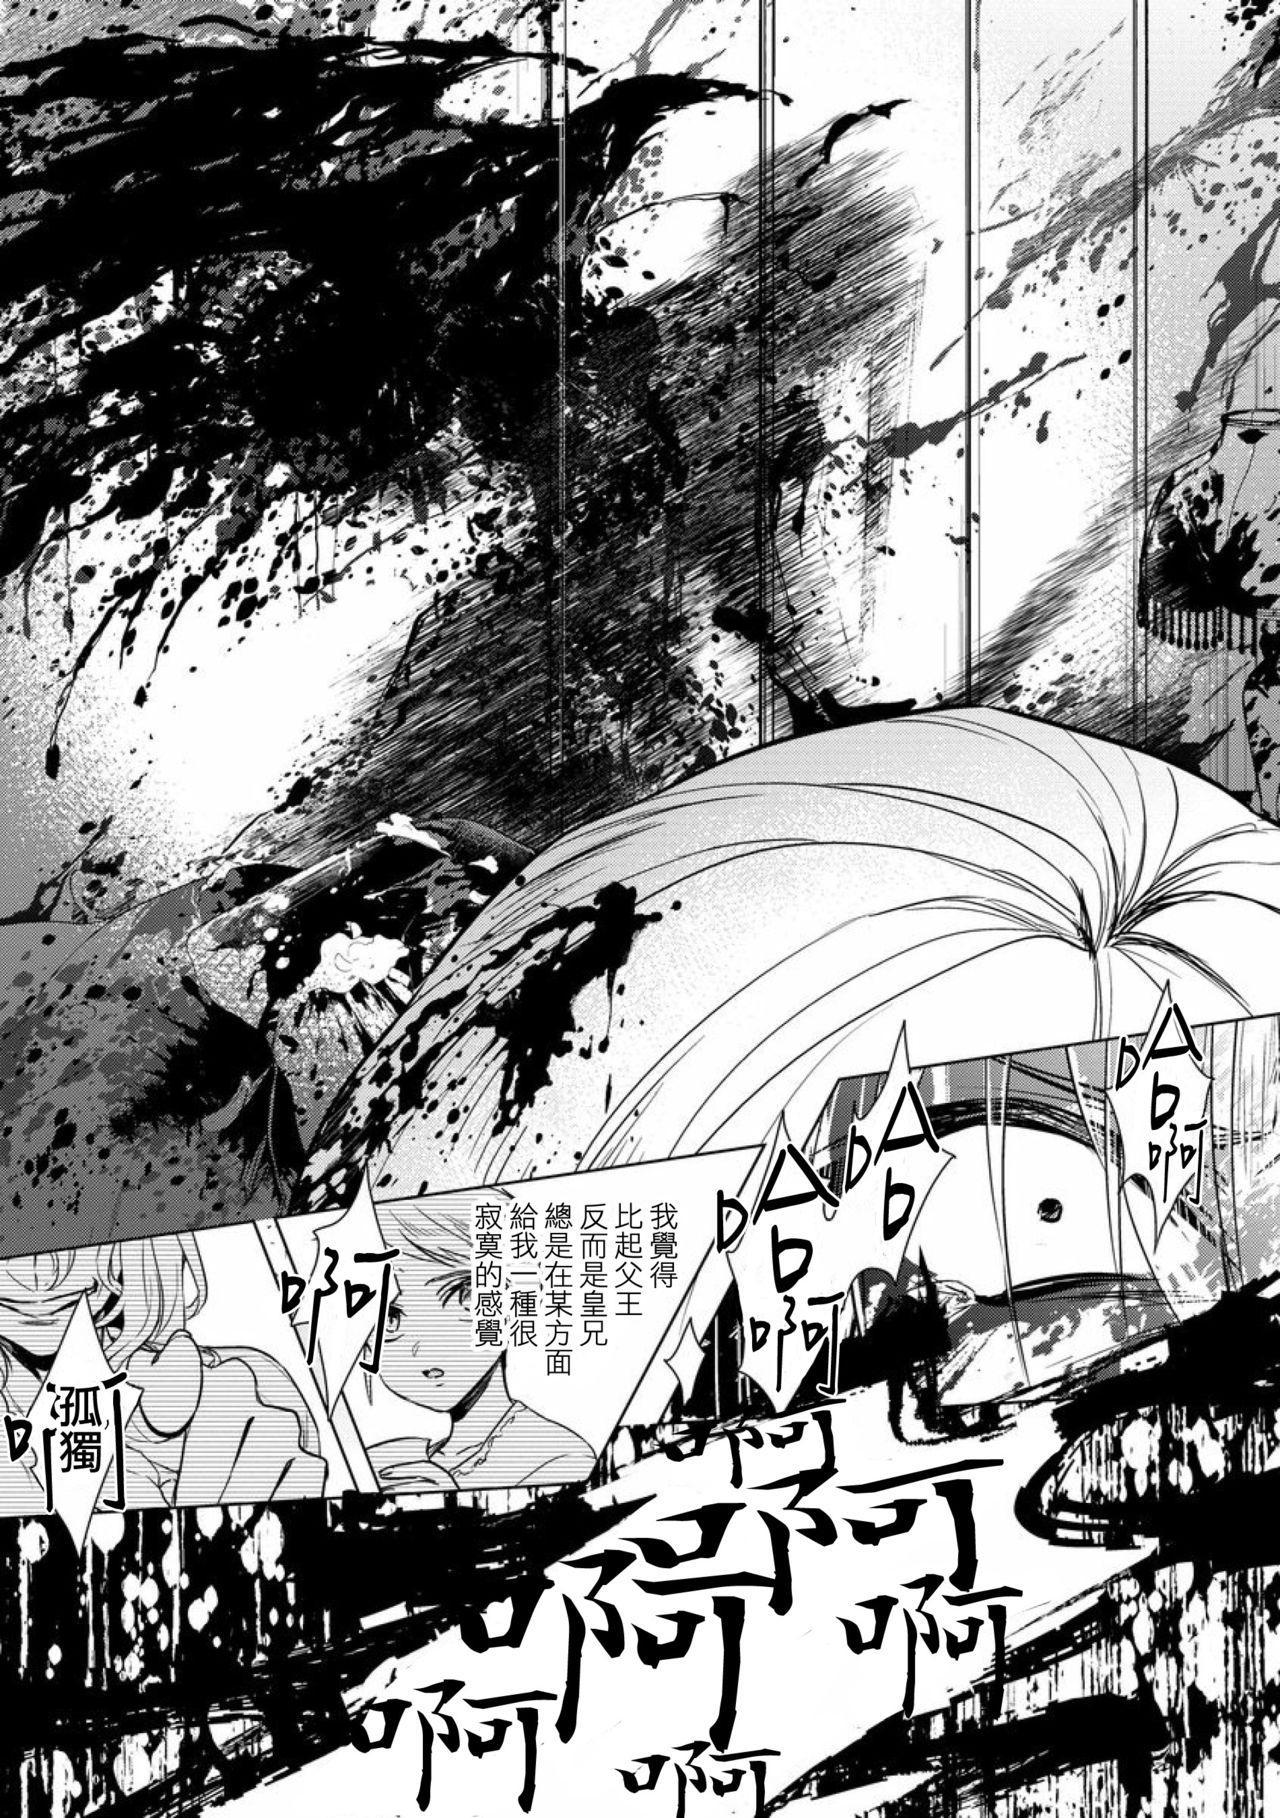 [Saotome Mokono] Kyououji no Ibitsu na Shuuai ~Nyotaika Knight no Totsukitooka~ Ch. 12 [Chinese] [瑞树汉化组] [Digital] 20